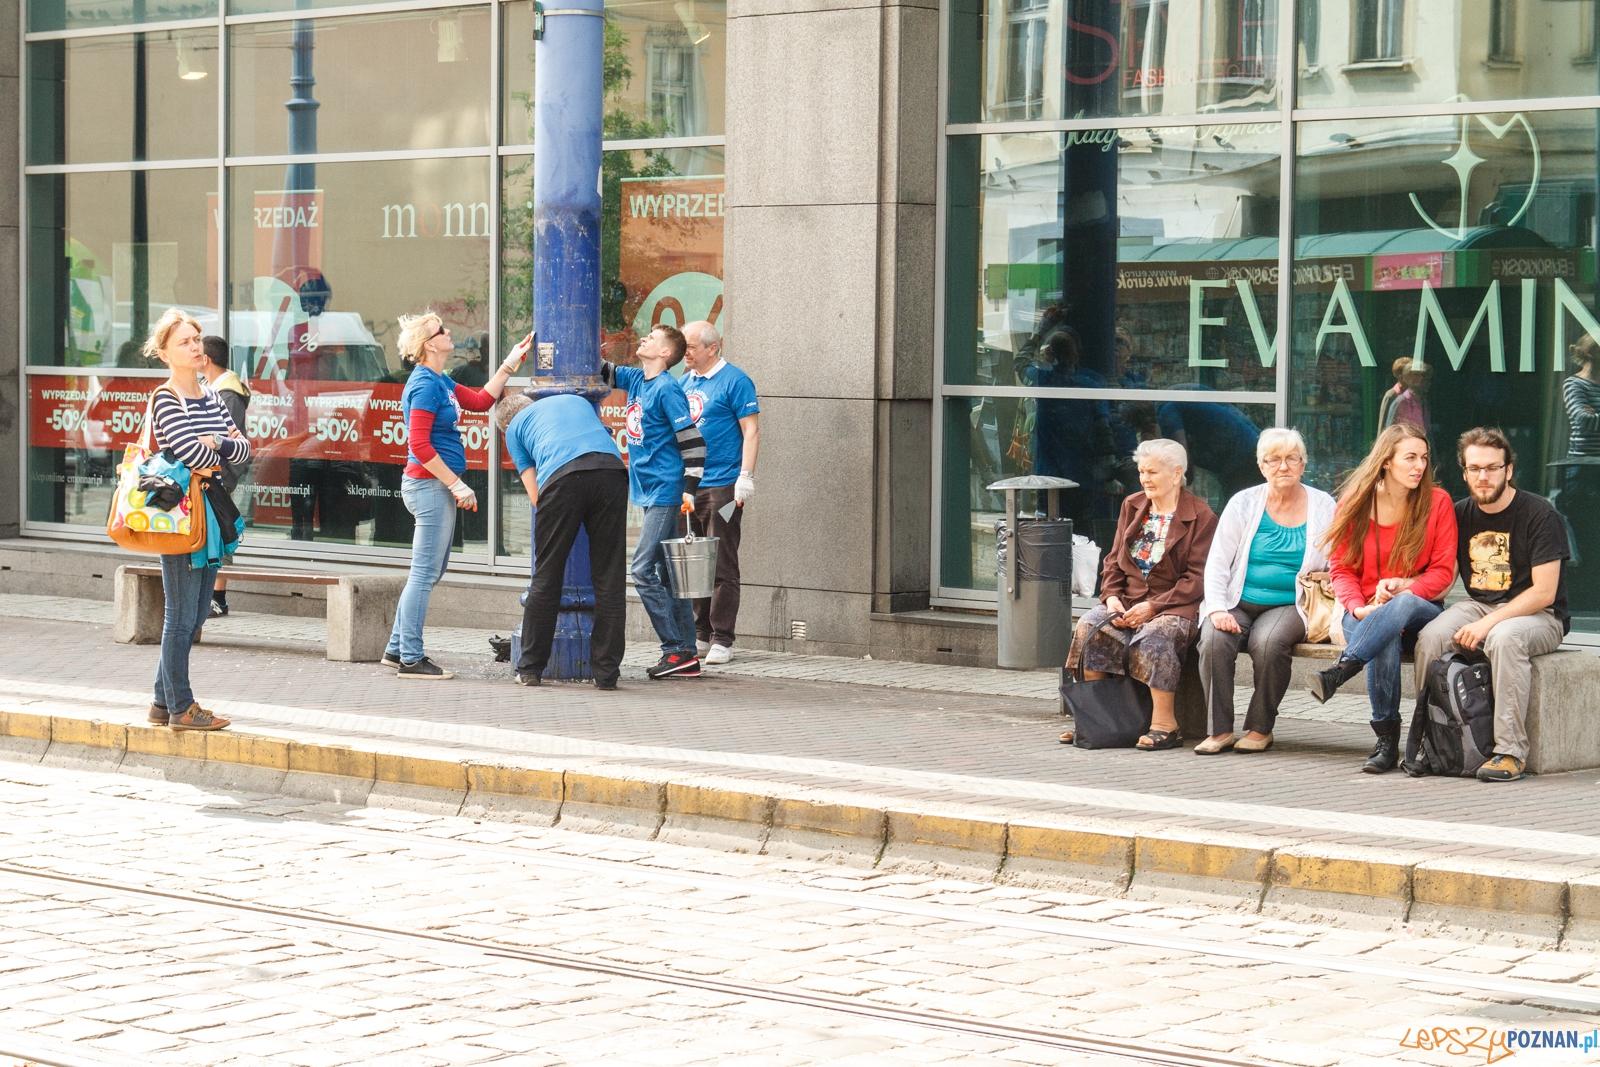 """Akcja """"Czyste słupy"""" na ulicy Podgórnej - Poznań 18.06.20  Foto: LepszyPOZNAN.pl / Paweł Rychter"""